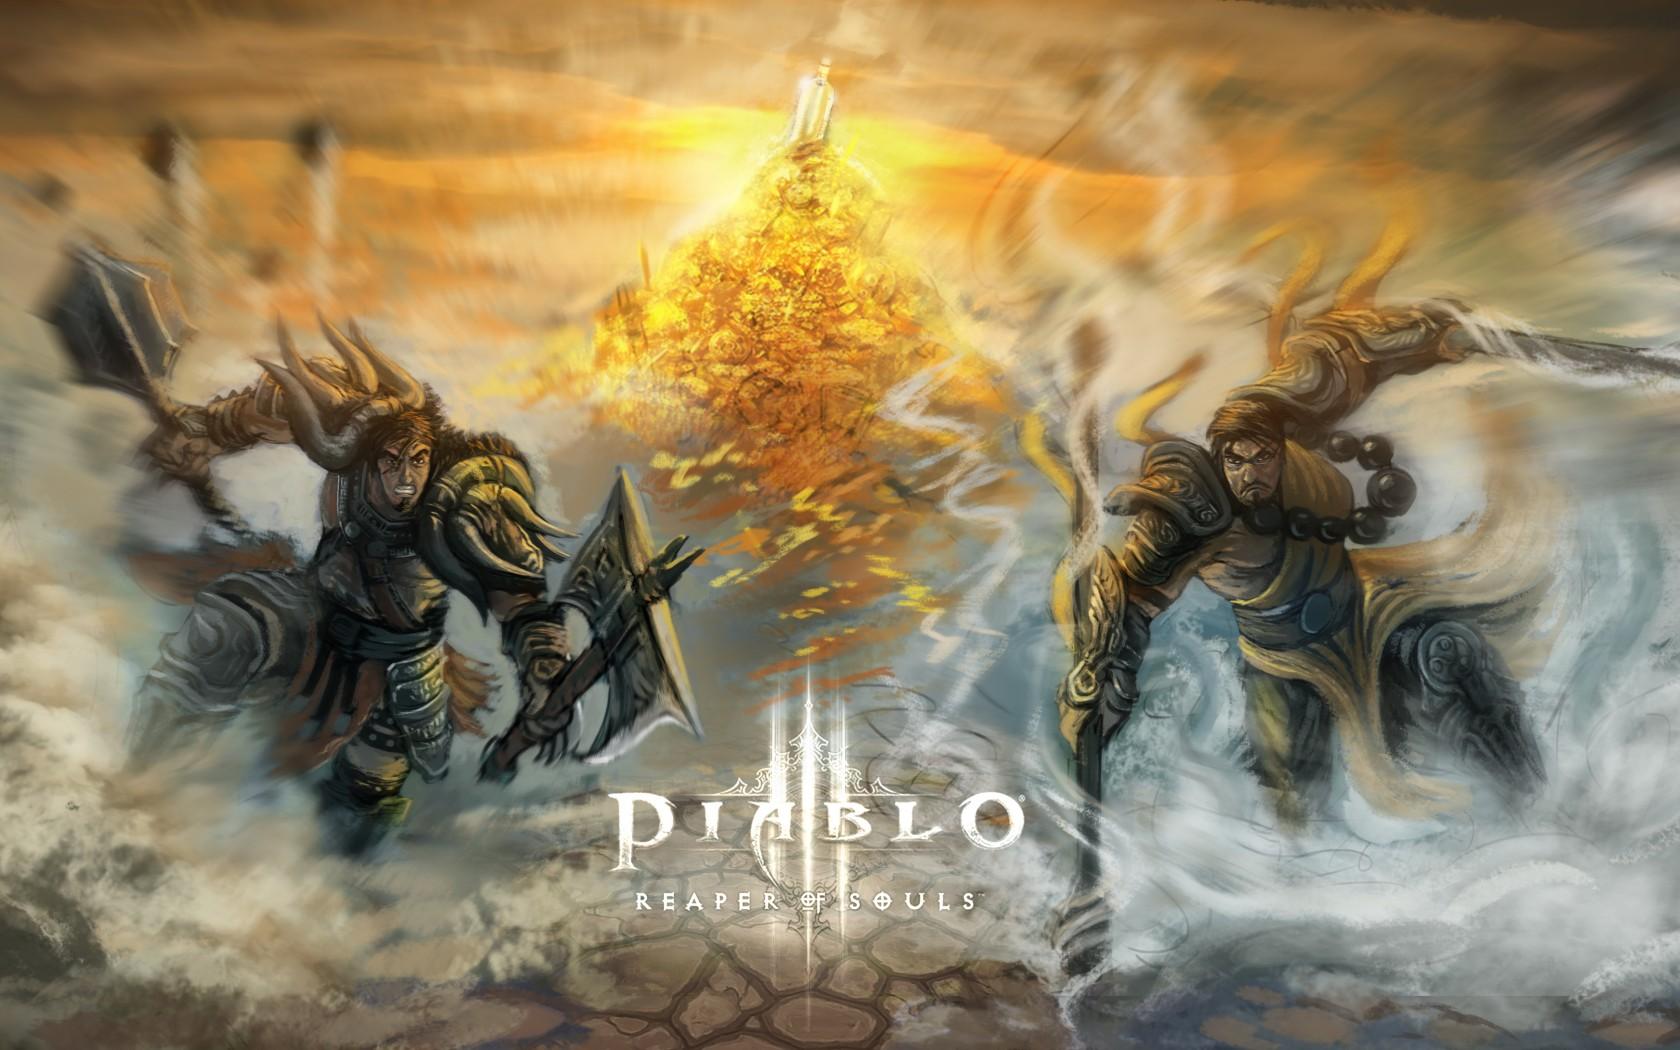 Wallpaper : diablo 3, diablo iii reaper of souls, reaper of